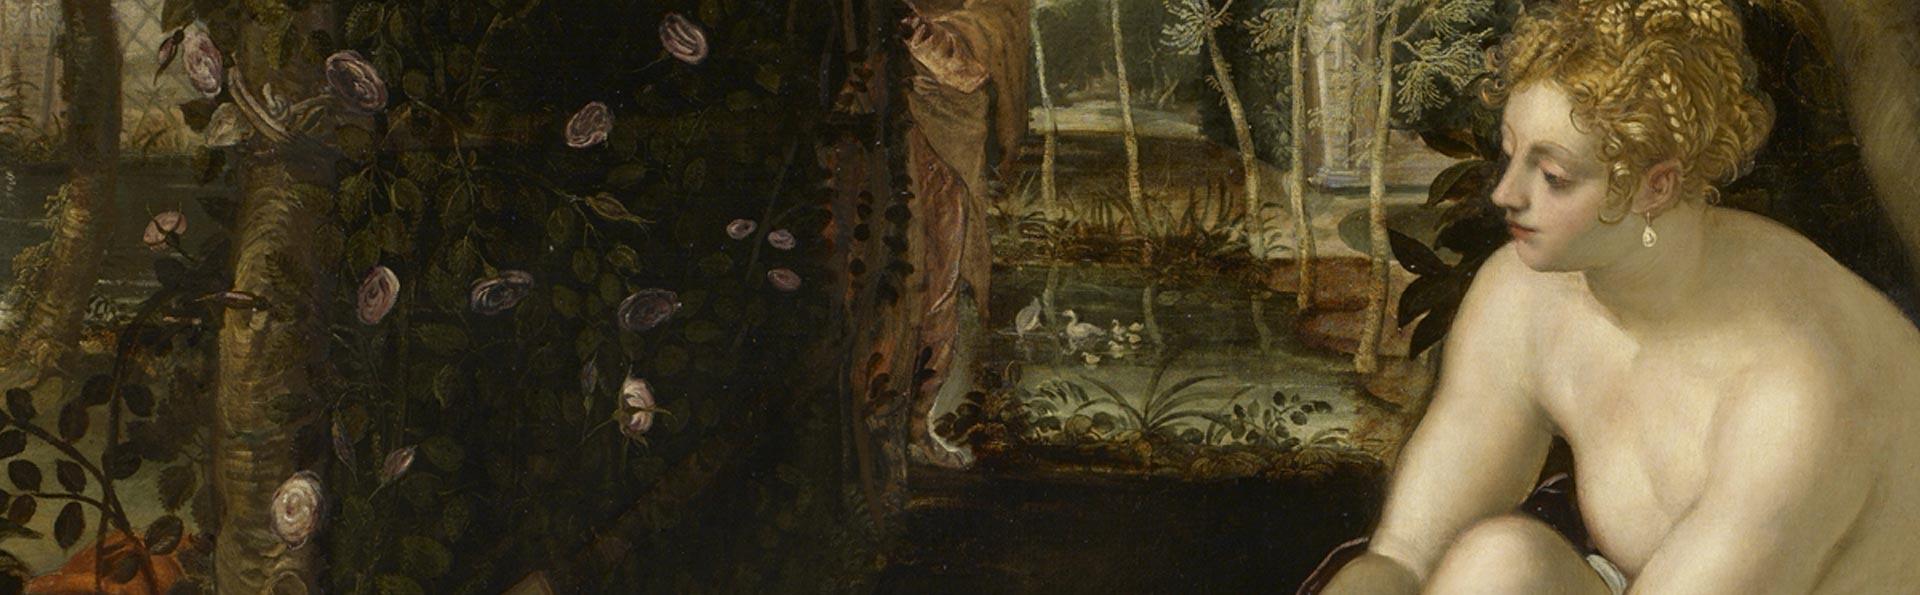 Tintoretto a Venezia